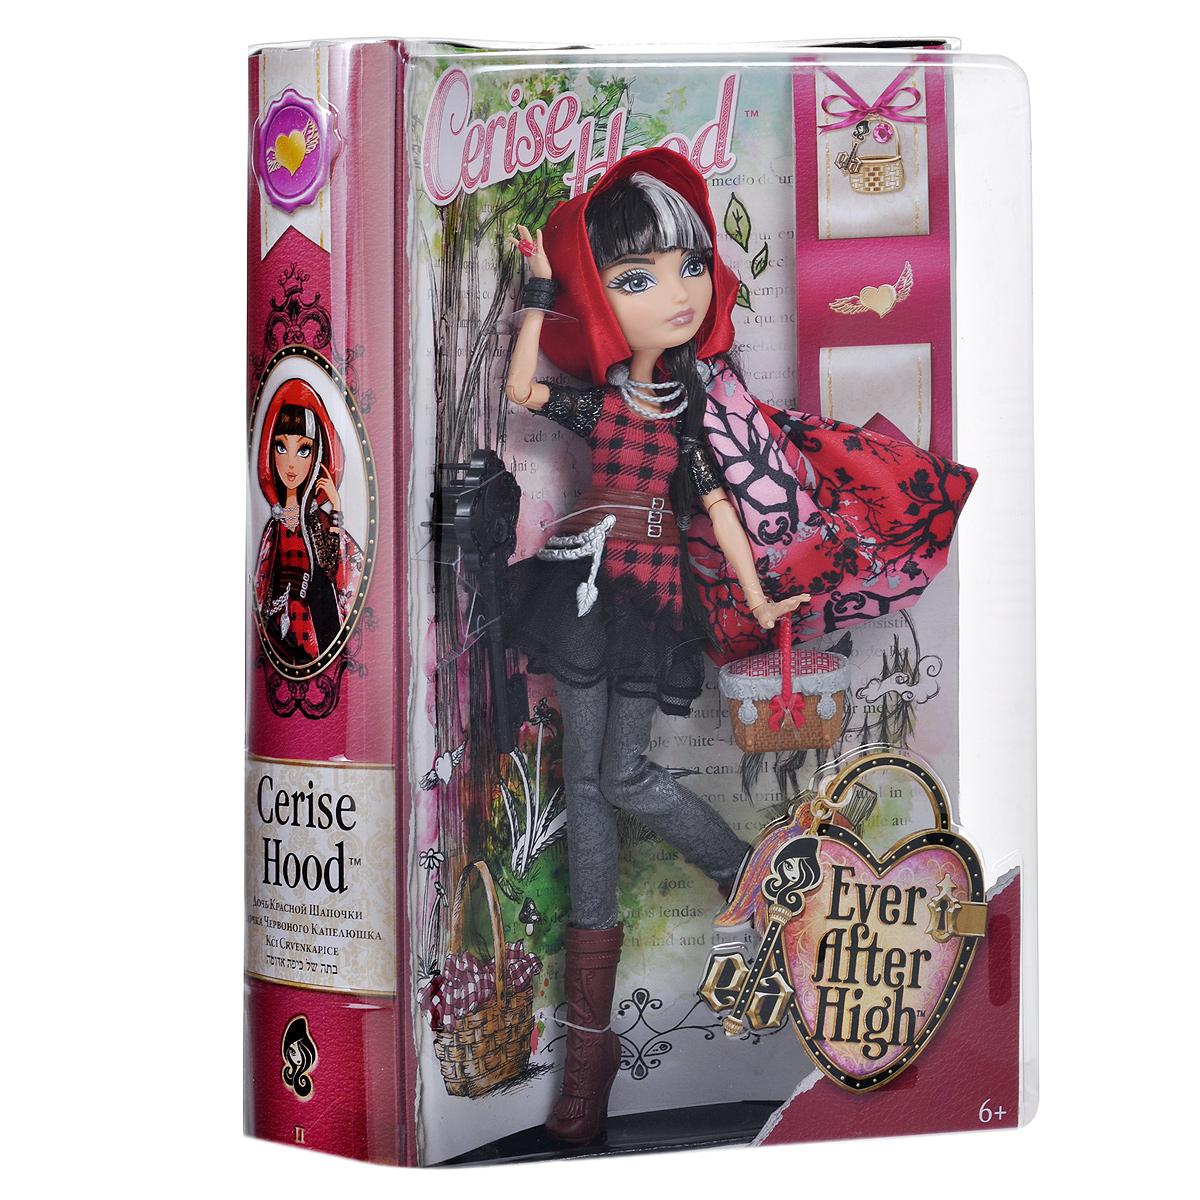 фото куклы эвер афтер хай сериз худ целесообразности употребления толстой